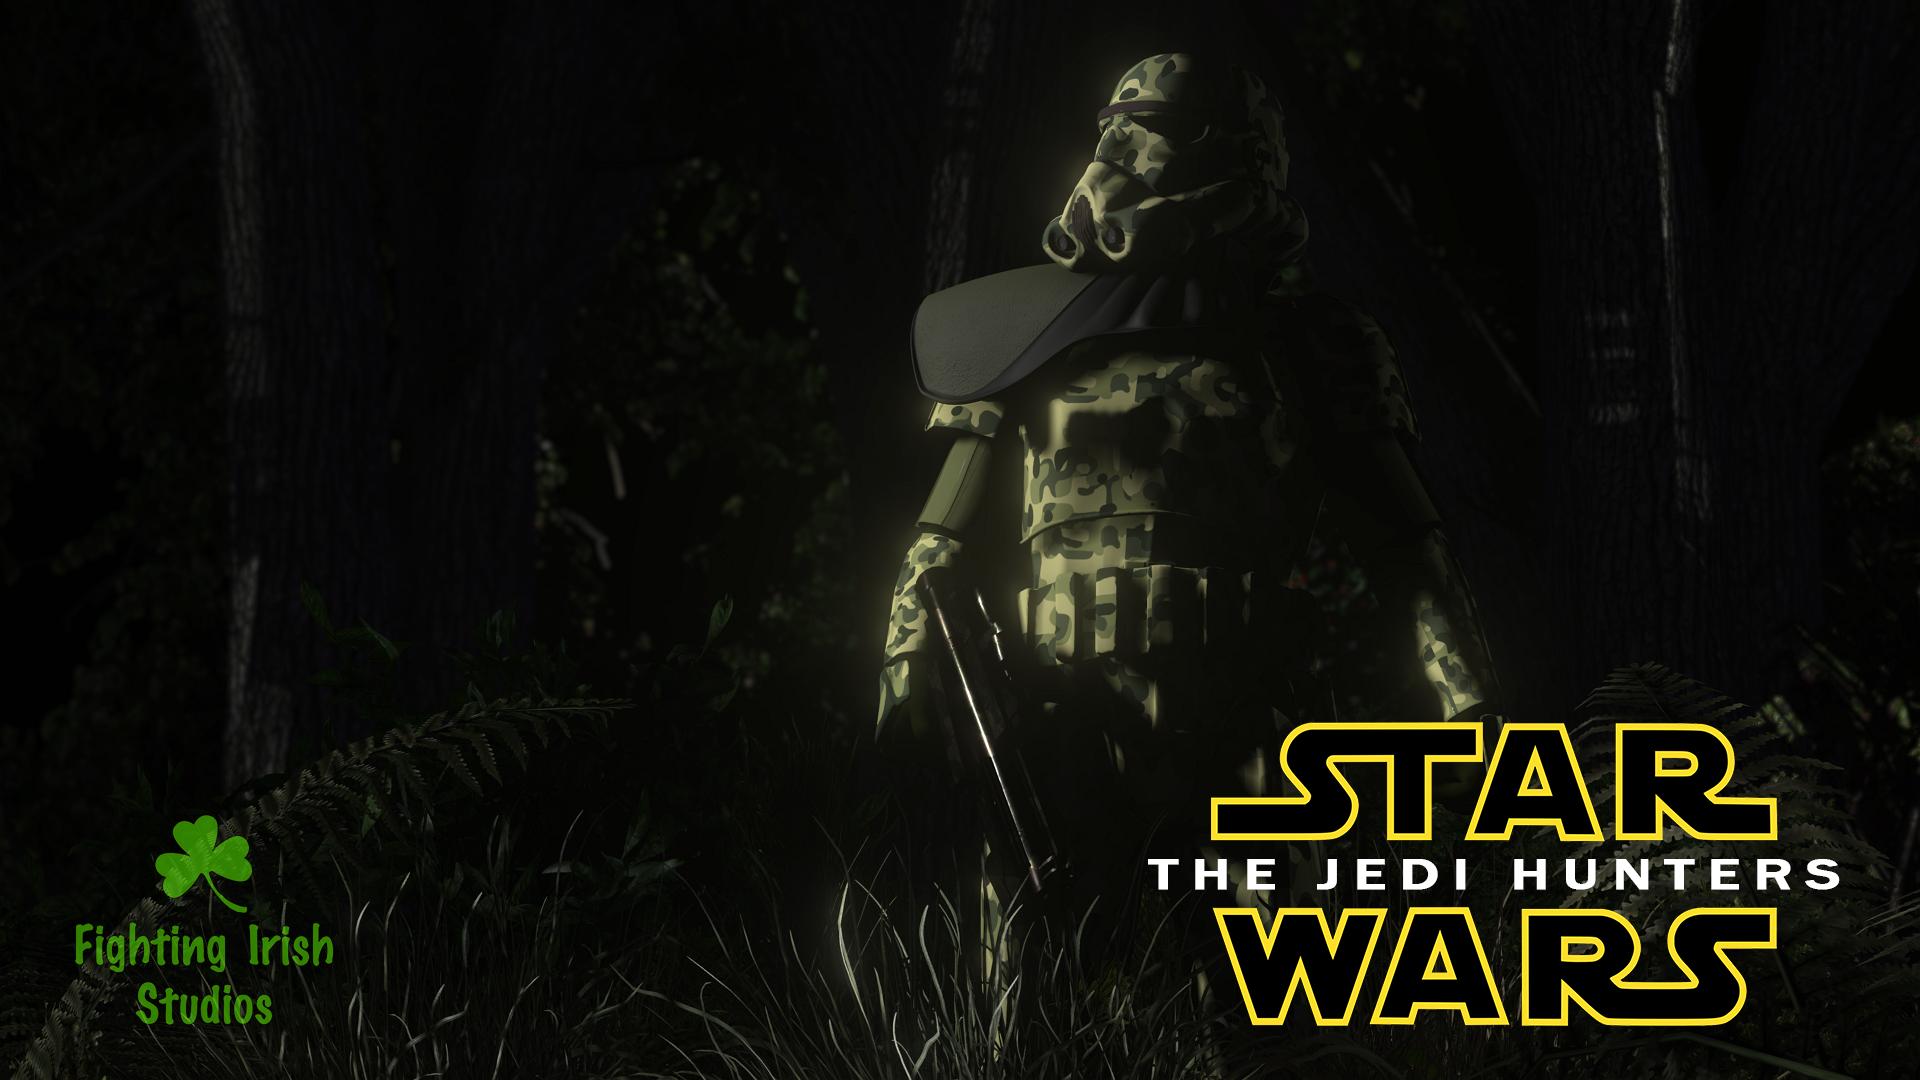 Star Wars: The Jedi Hunters by Fighting Irish Studios